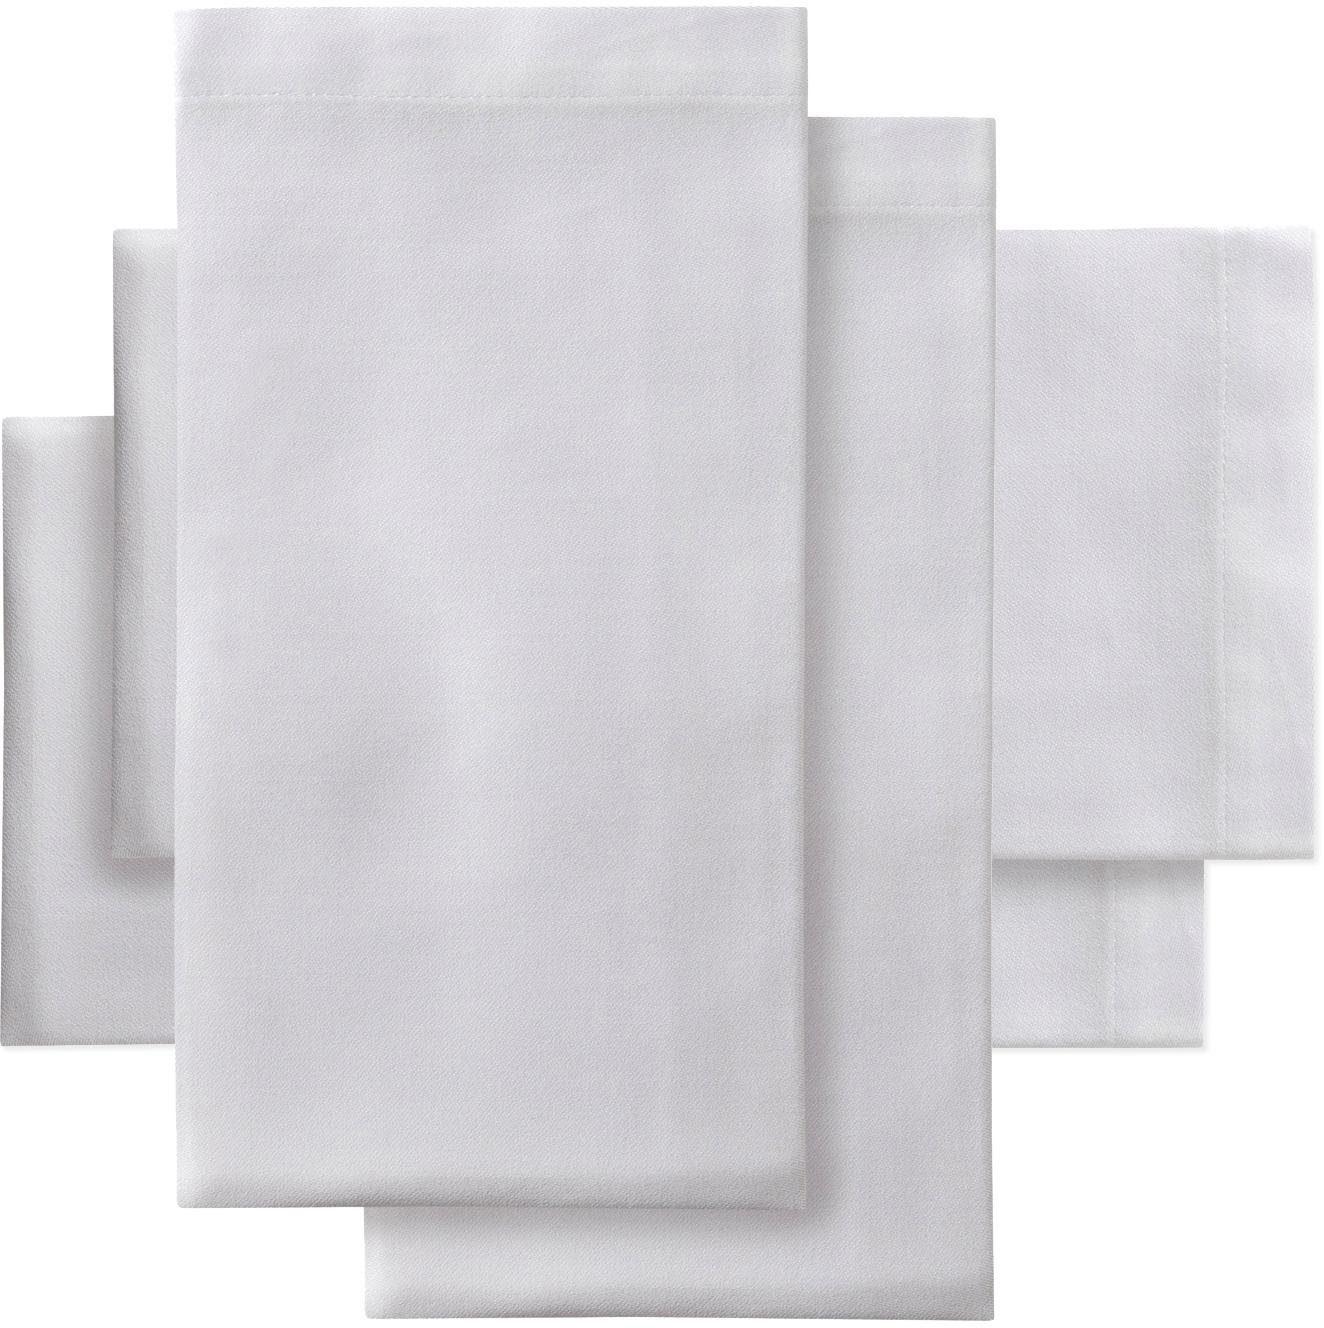 DDDDD Stoffserviette Latus, Damast, 50x50 cm weiß Stoffservietten Tischwäsche